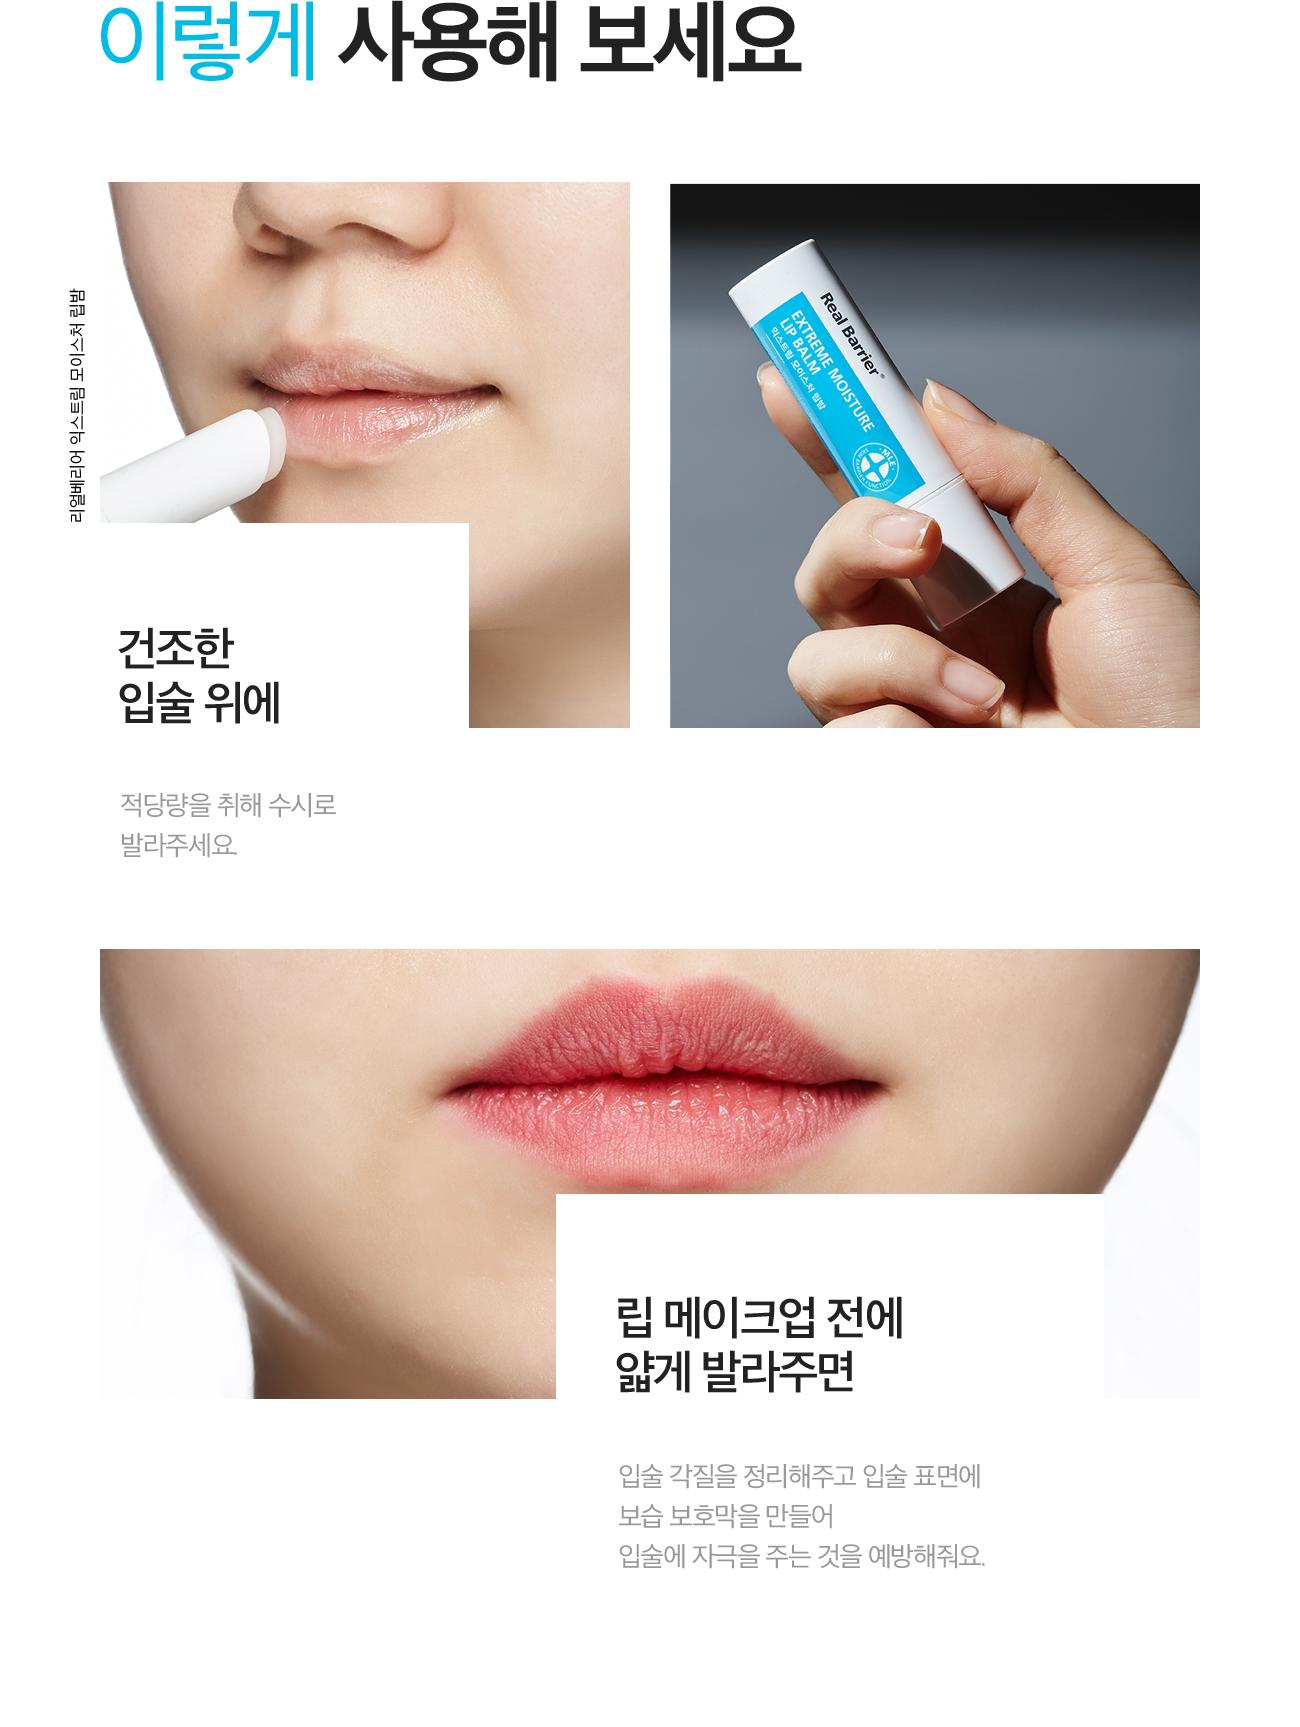 이렇게 사용해 보세요. 건조한 입술 위에 적당량을 취해 수시로 발라주세요. 립 메이크업 전에 얇게 발라주면 입술 각질을 정리해주고 입술 표면에 보습 보호막을 만들어 입술에 자극을 주는 것을 예방해줘요.